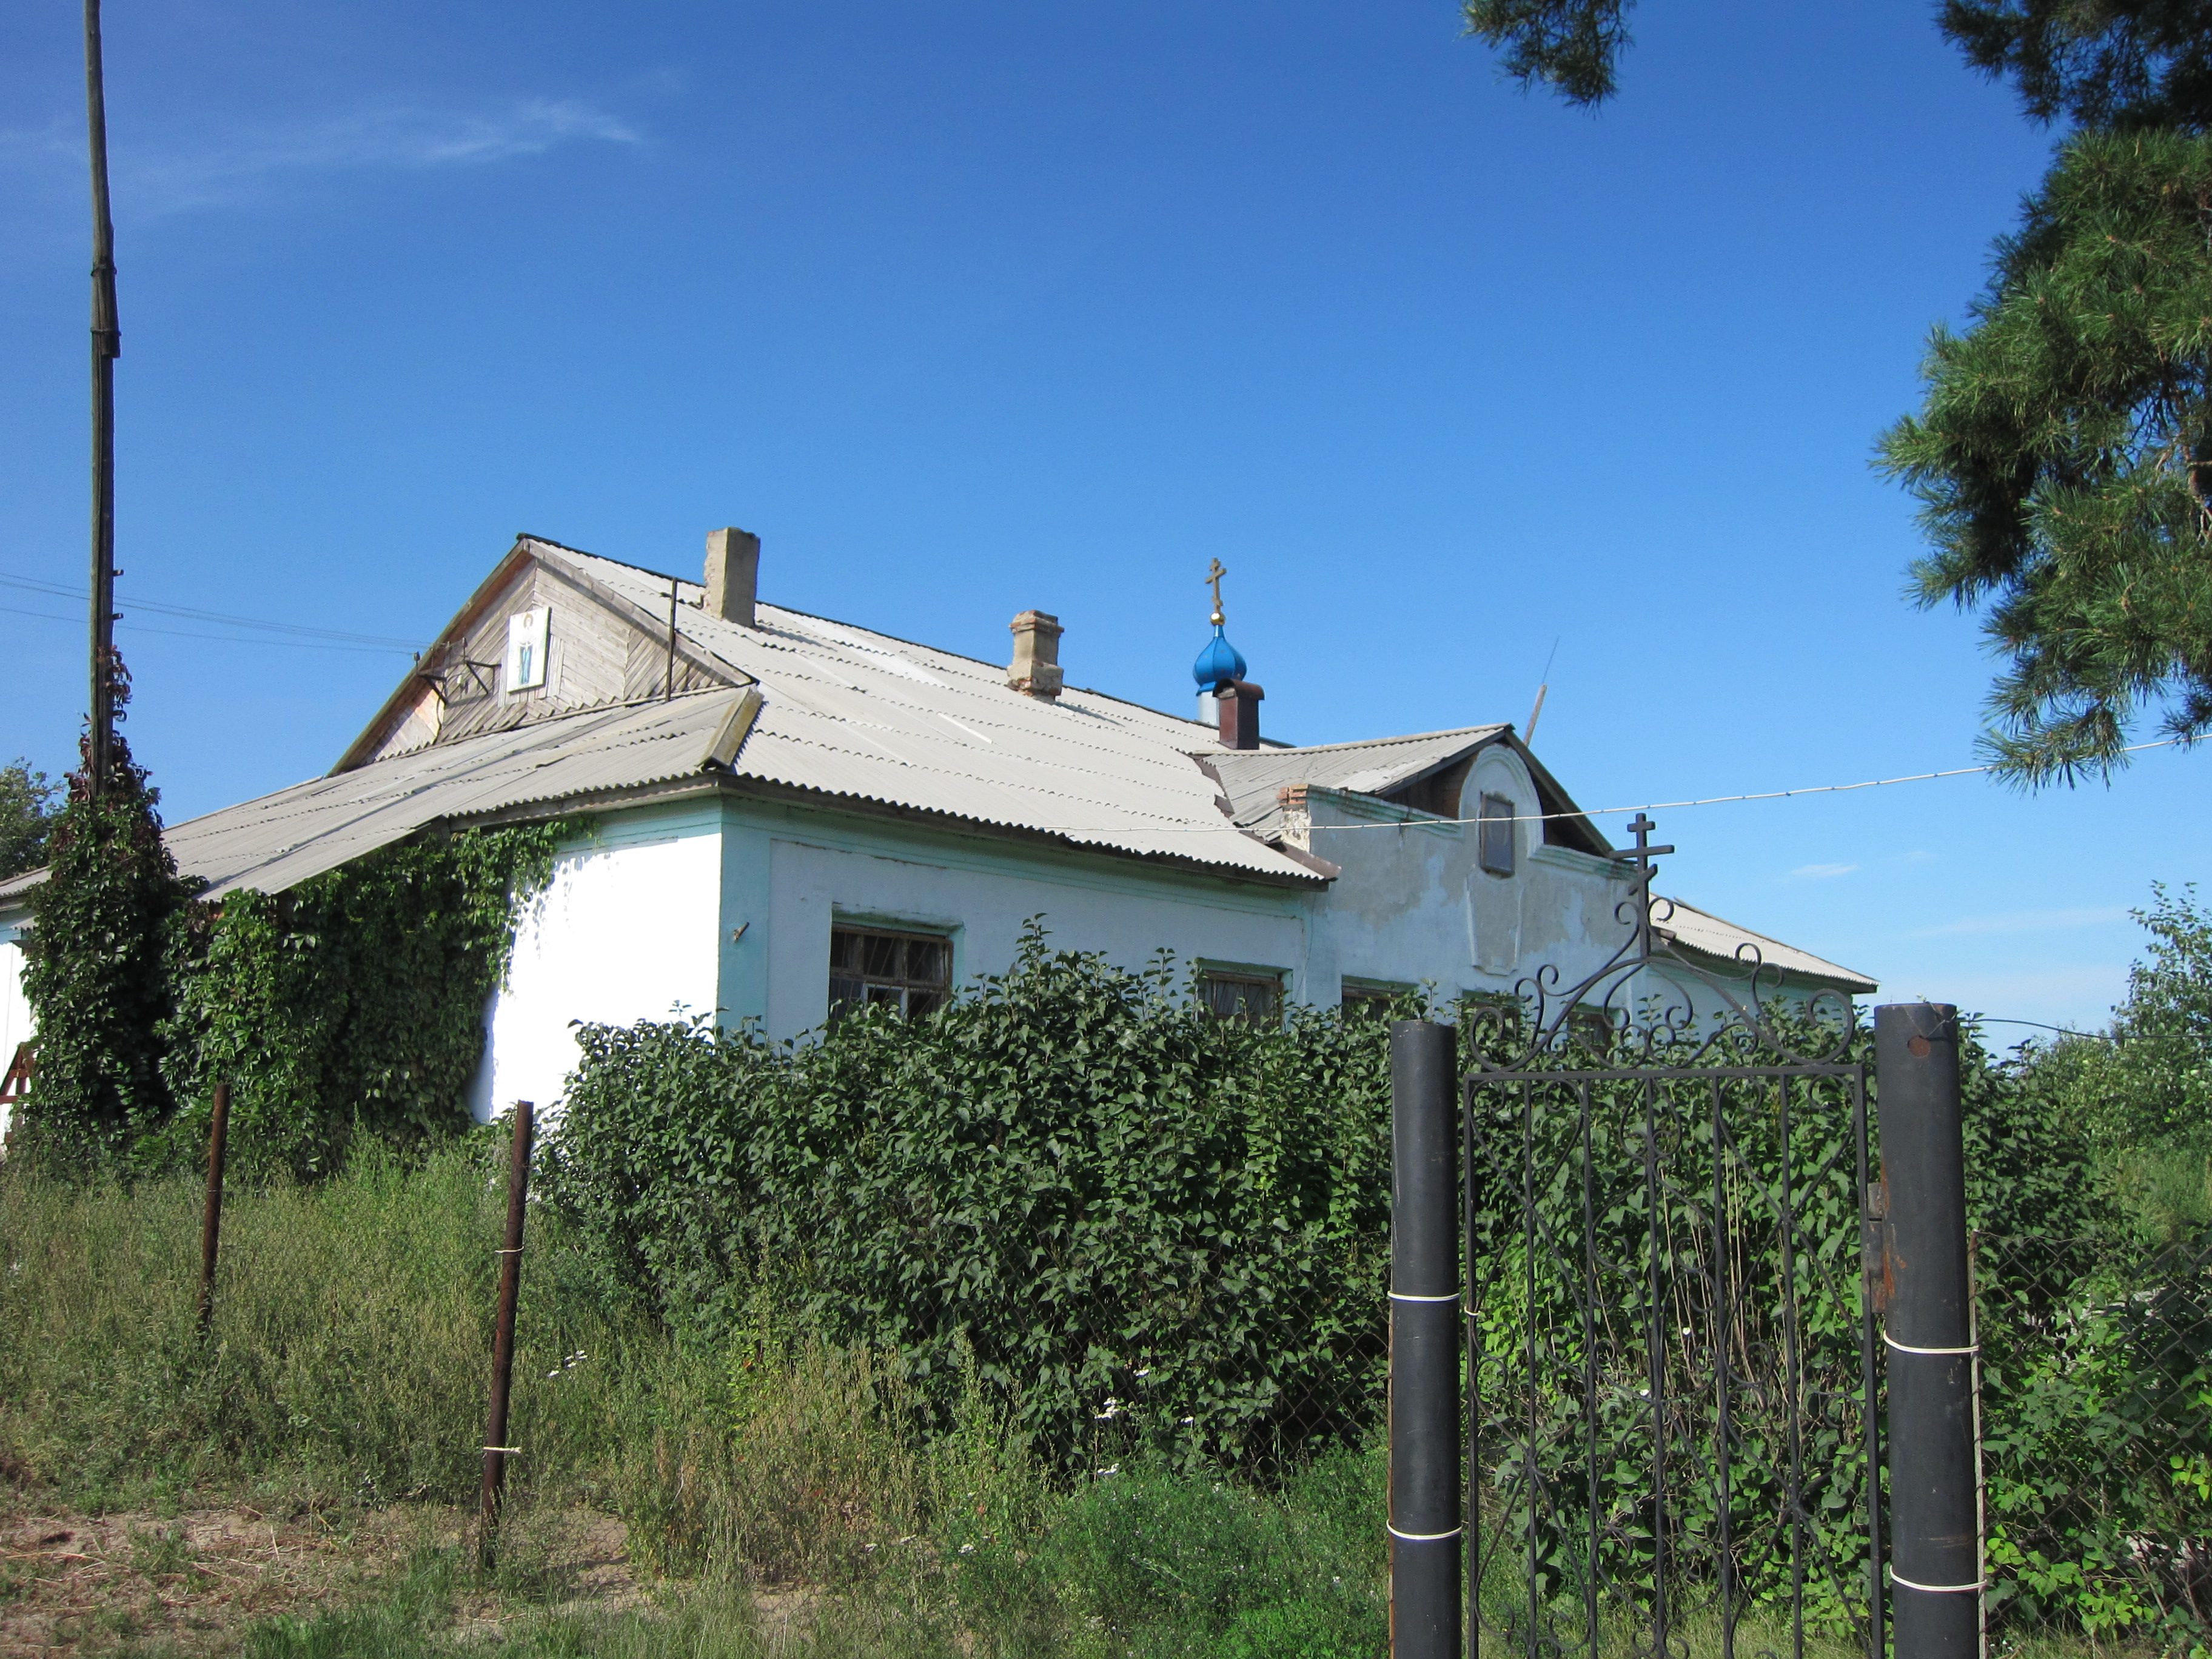 Неподалеку от новой церкви стоит старое здание, временно переоборудованное под храм (15.08.2014)